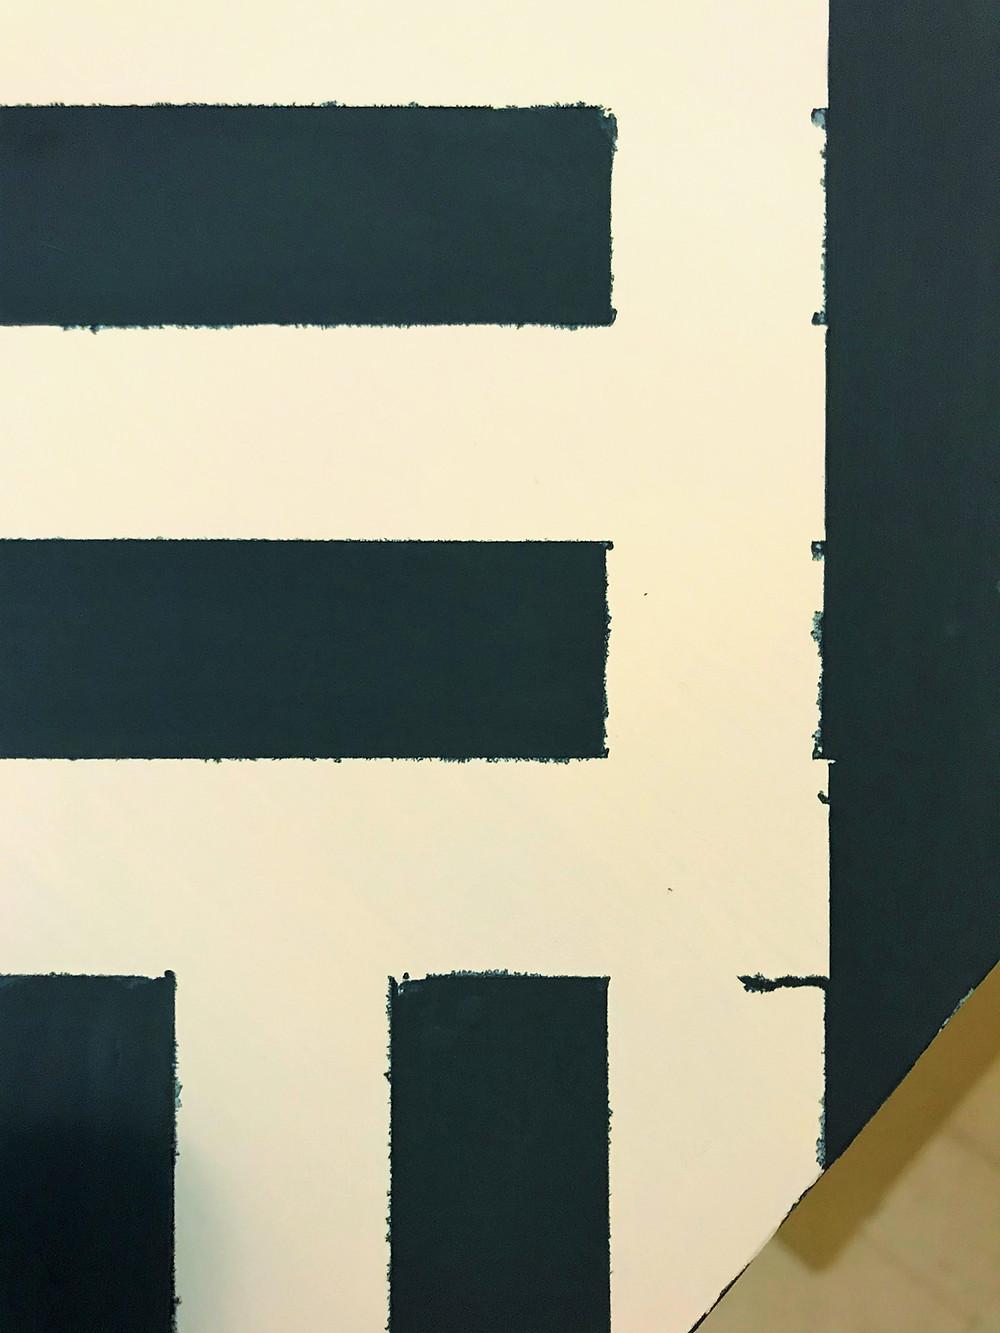 painter's tape edges chalk paint pattern on desk